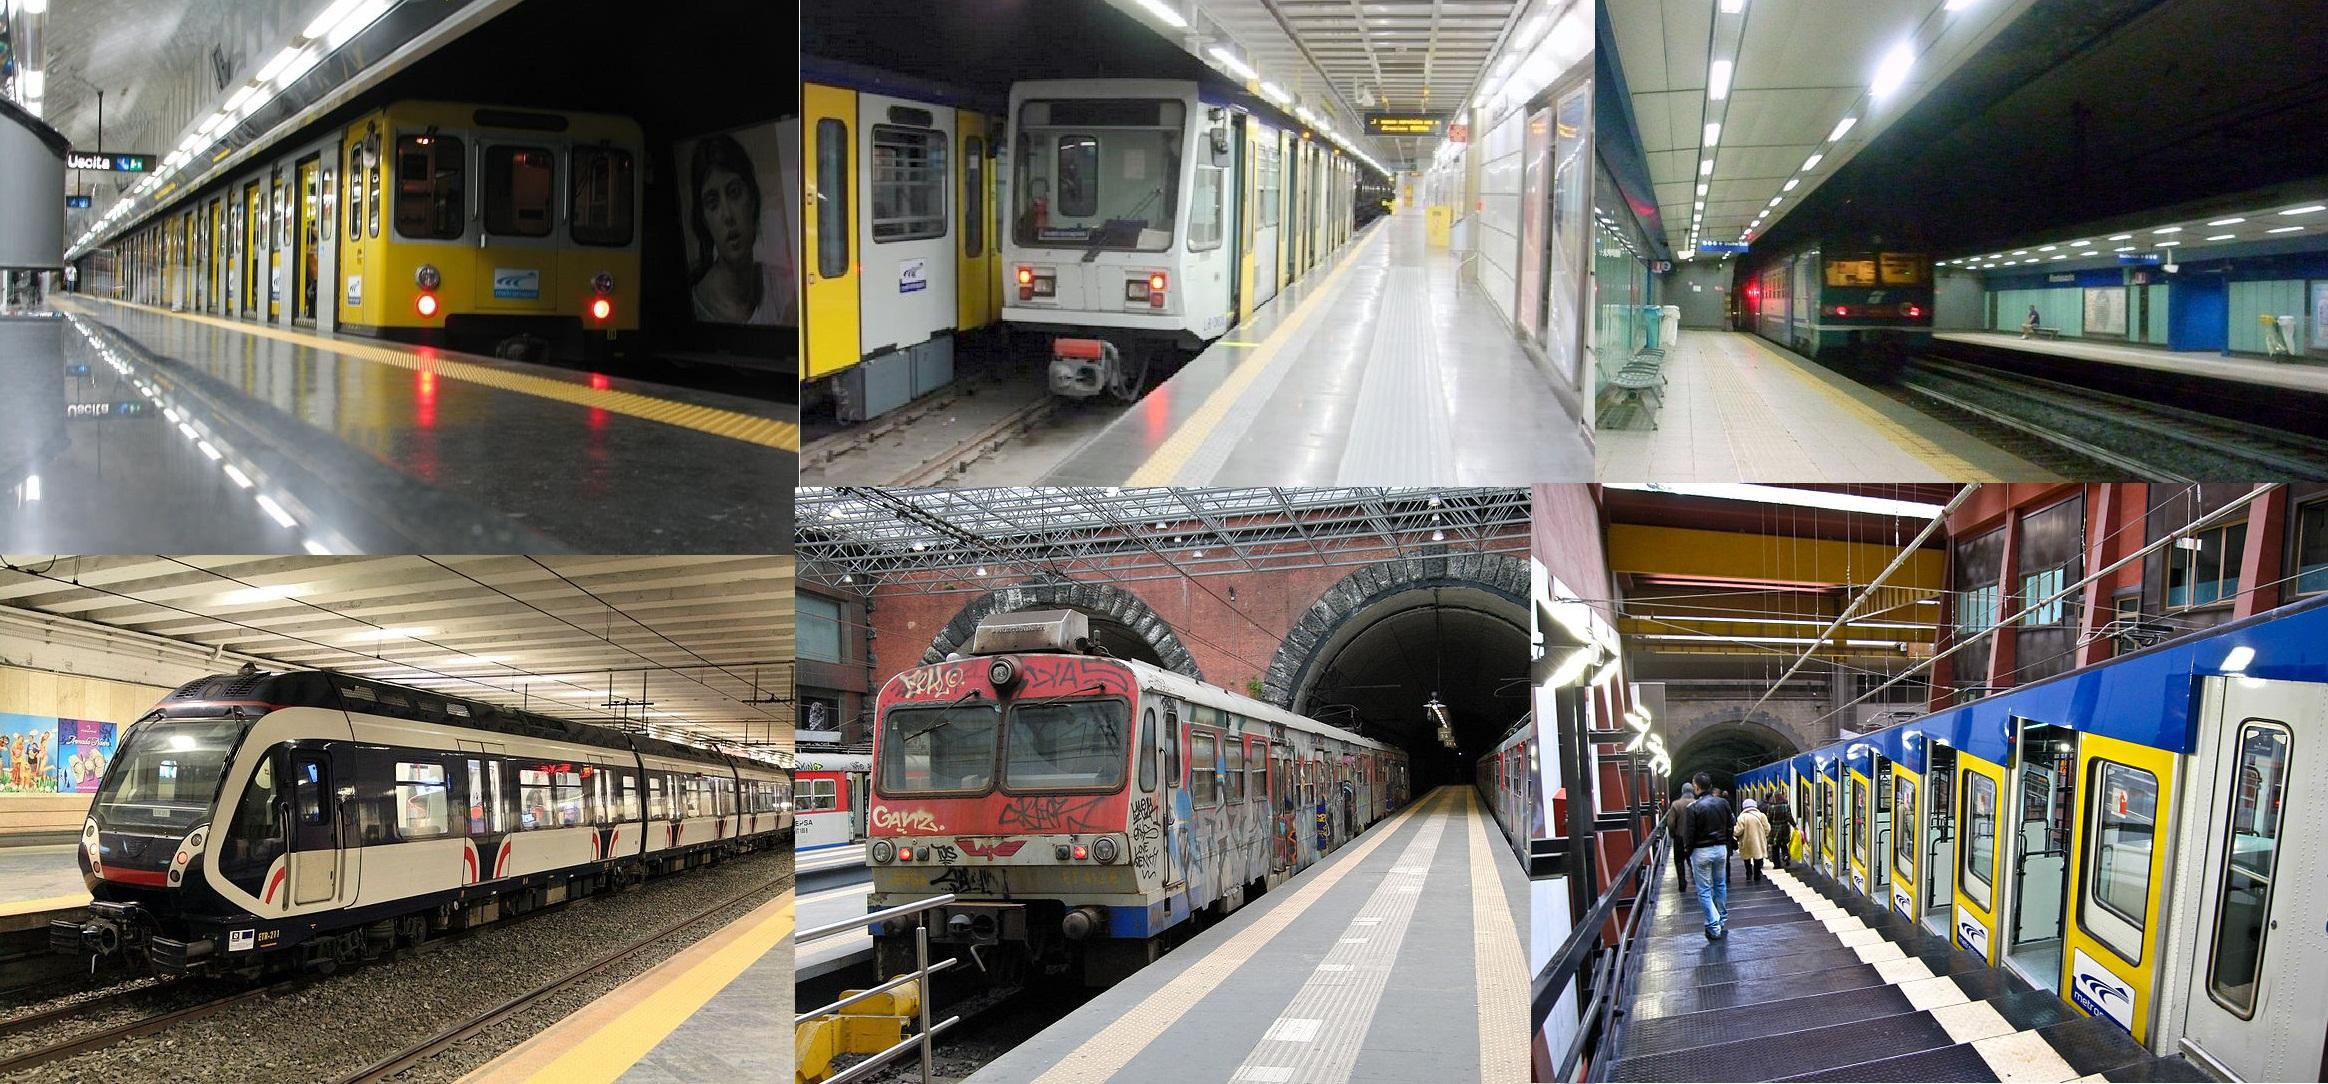 All'inizio dell'anno una nuova ztl a Napoli: sciagura o benedizione?